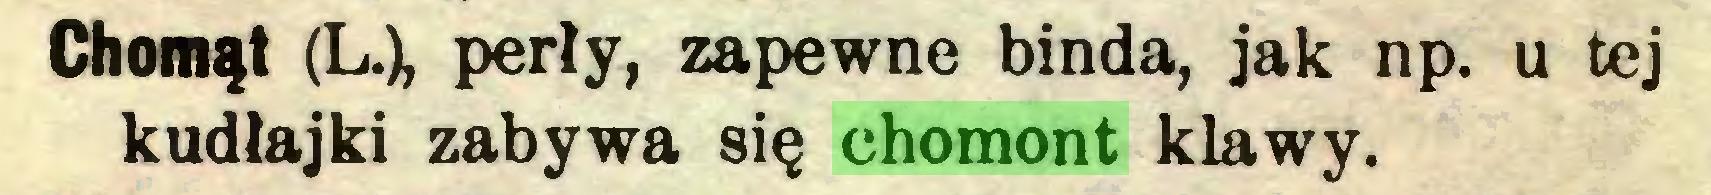 (...) Chomąt (L.), perły, zapewne binda, jak np. u tej kudłajki zabywa się chomont klawy...